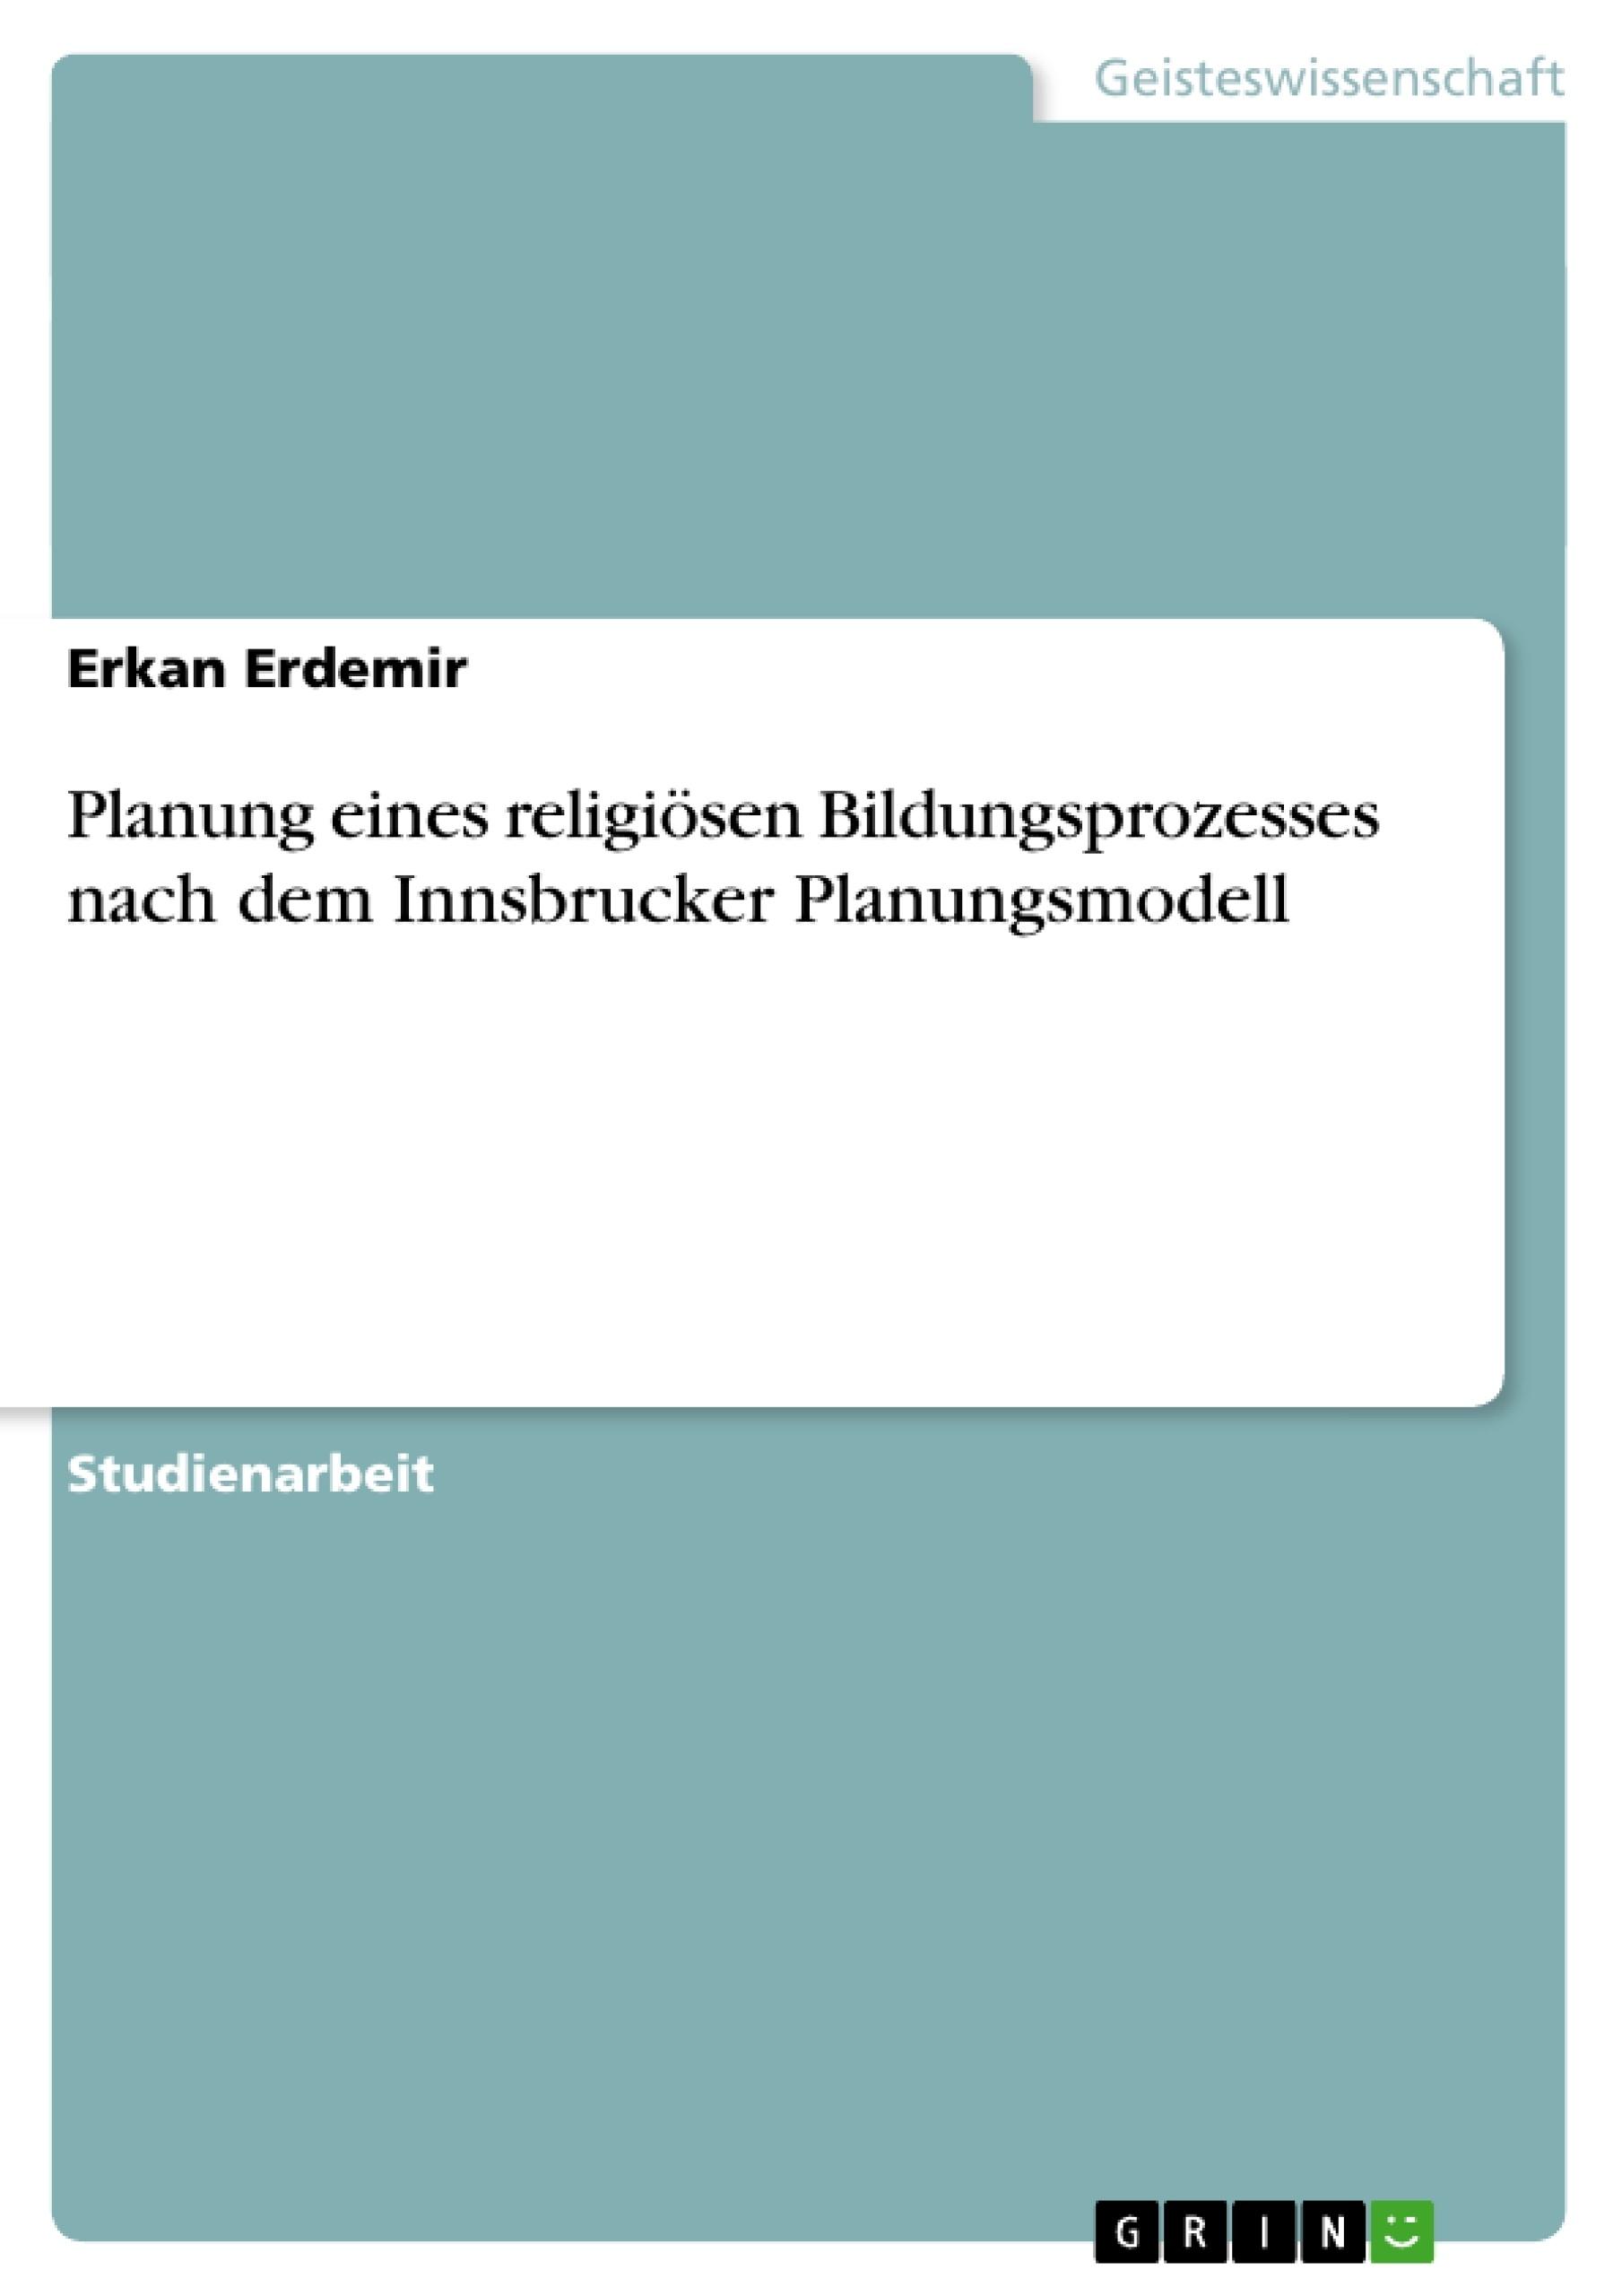 Titel: Planung eines religiösen Bildungsprozesses nach dem Innsbrucker Planungsmodell